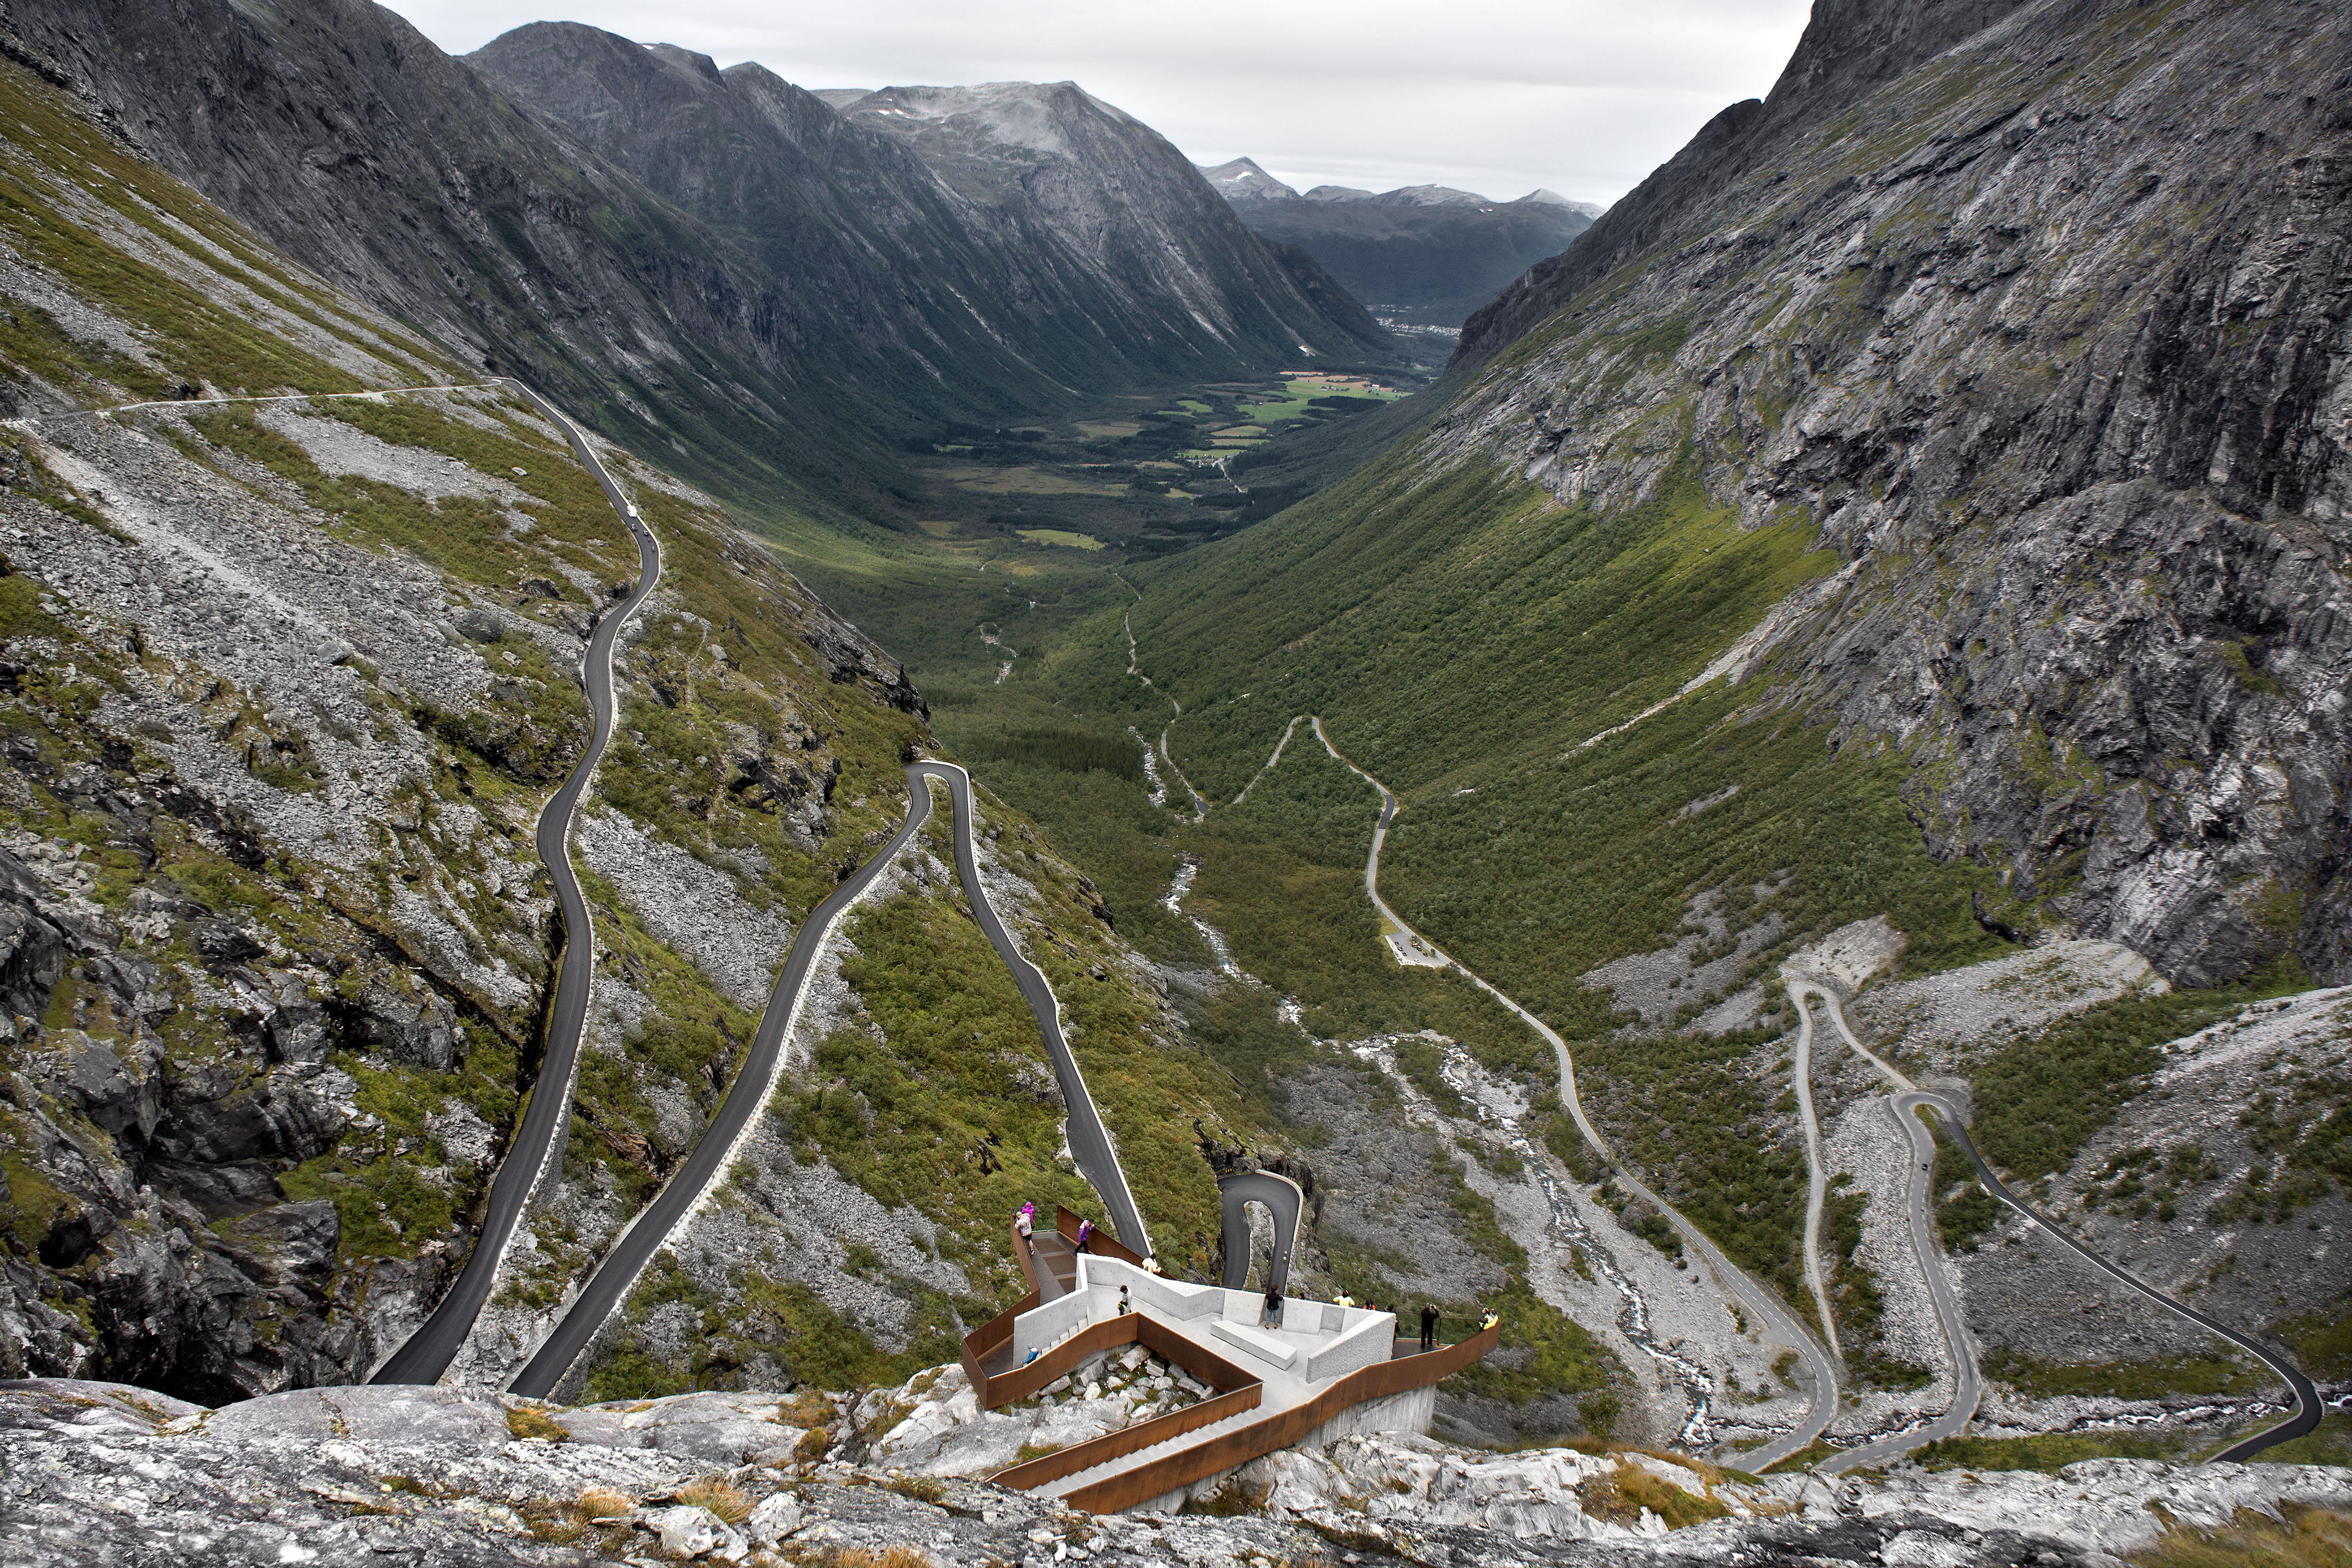 Il panorama della Trollstigen National Tourist Route tra le rocce e i fiordi norvegesi © Diephotodesigner.de